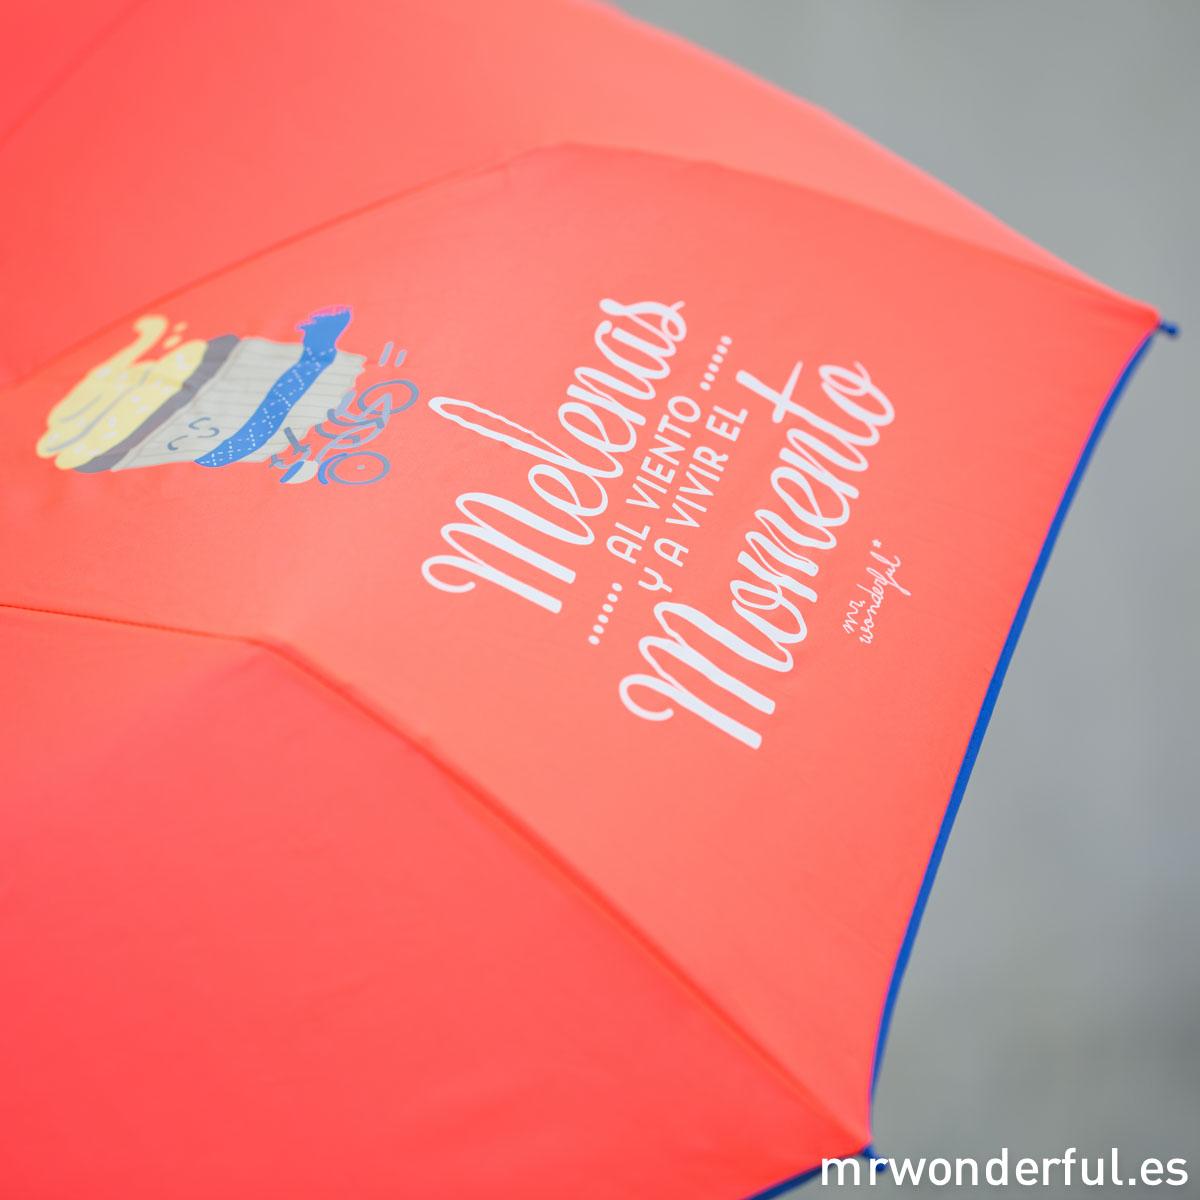 mrwonderful_8436547190065_LLUVIA_MELENAS_Paraguas-Mediano_Melenas-al-viento-y-a-vivir-el-momento-69-Editar-Editar